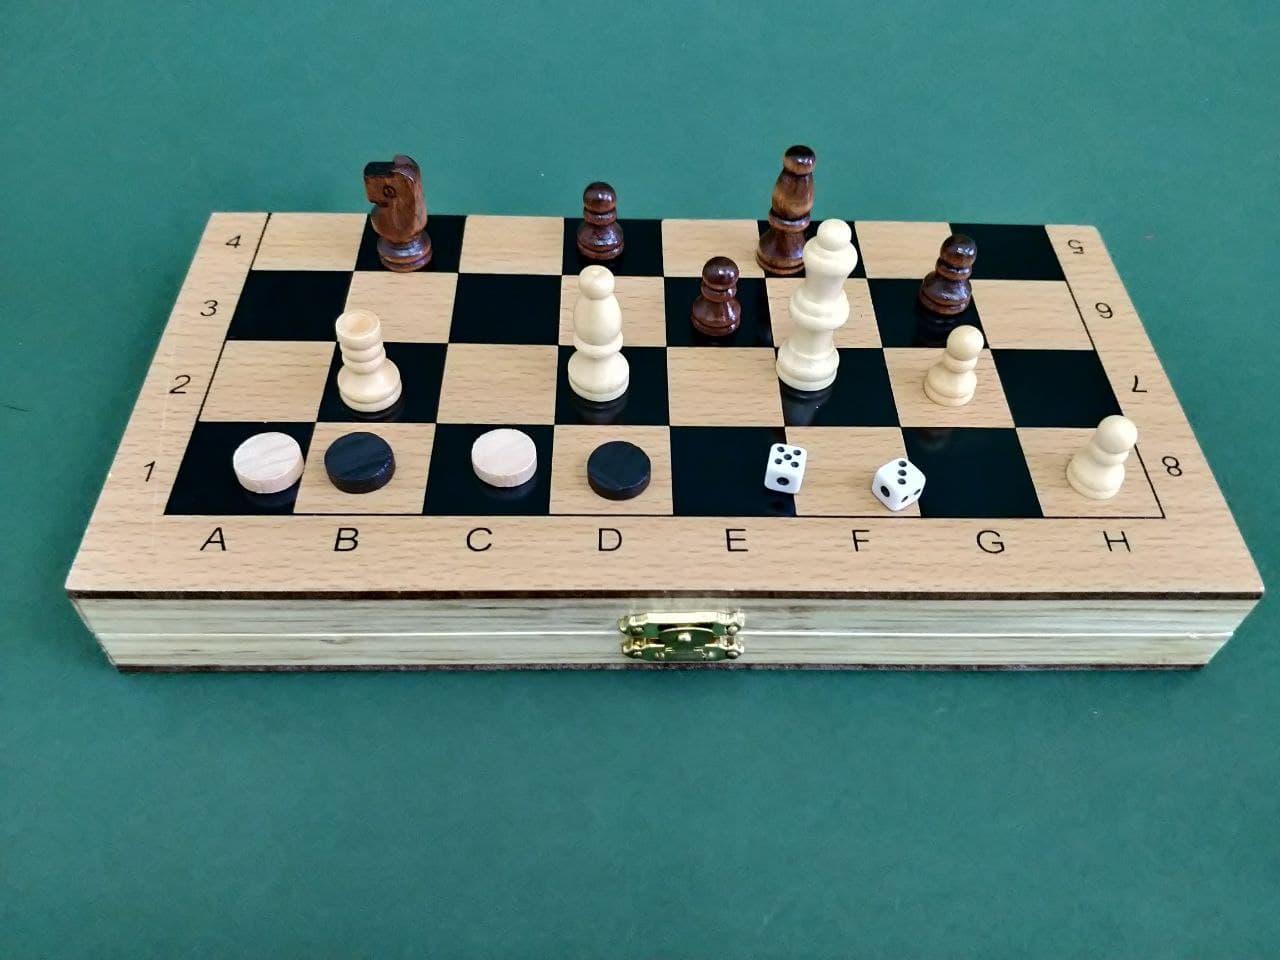 Шахматы 3 в 1 дерево (29.5 Х 29.5 СМ)